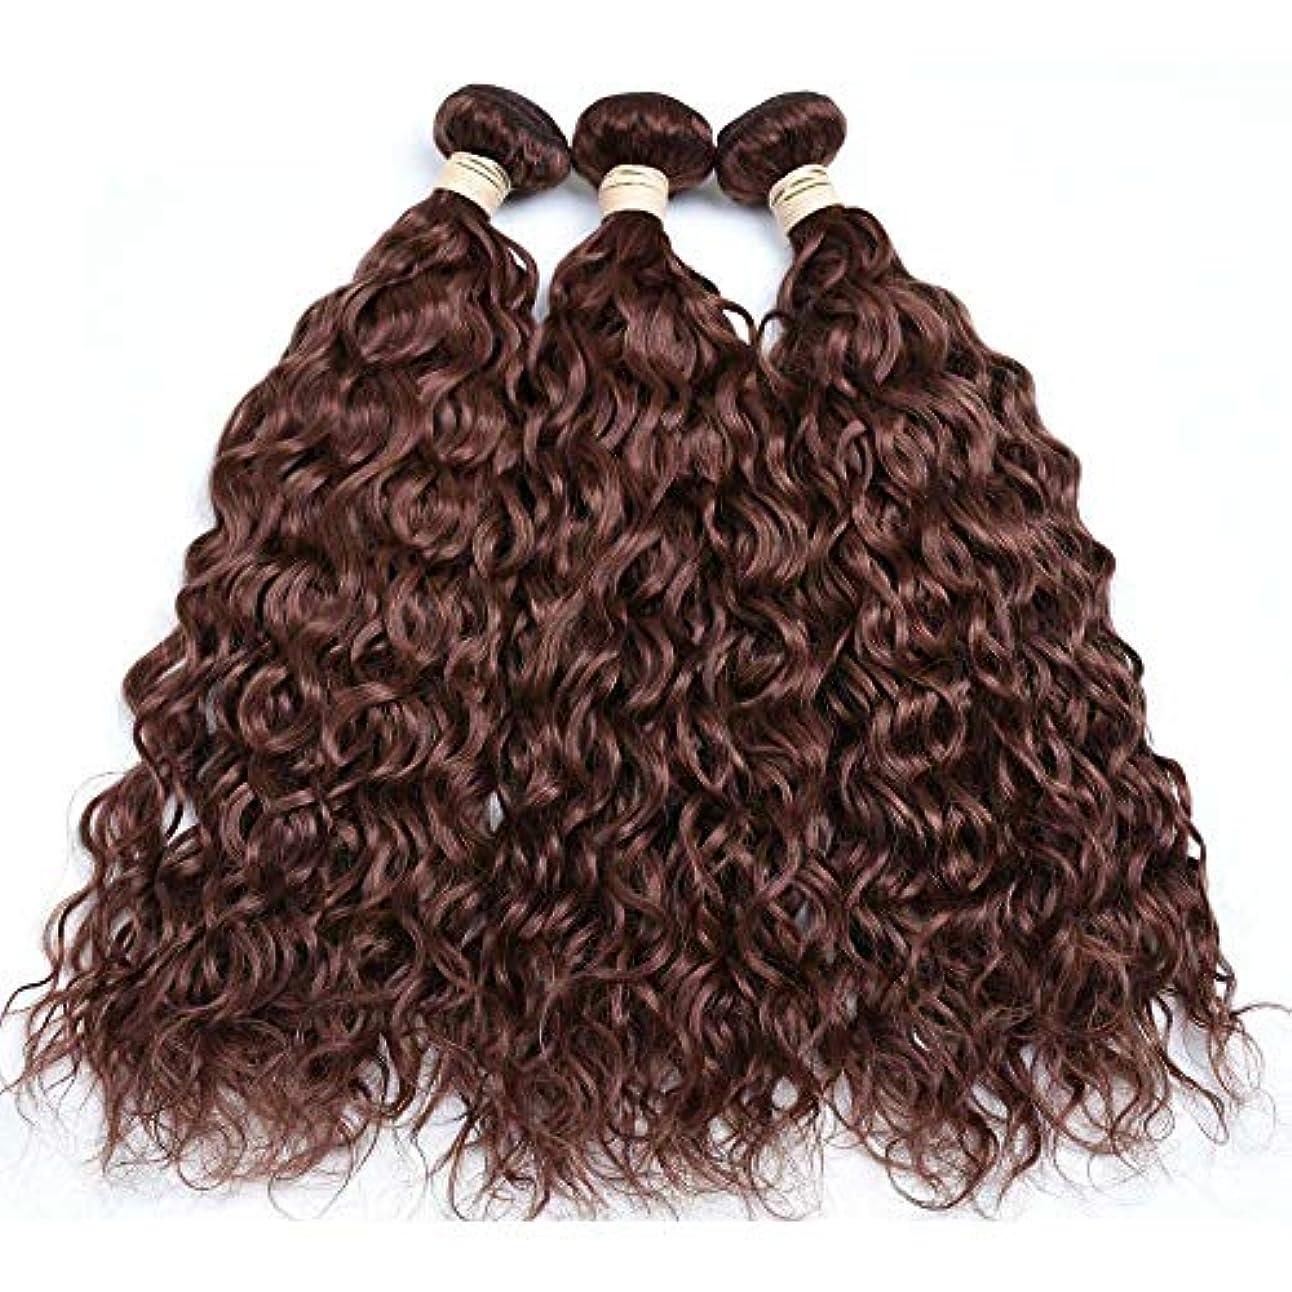 キリストビルダーの配列HOHYLLYA ブラジルの髪の束ブラジルの水の波100%未処理の本物の人間の髪の毛#33ブラウン色(8